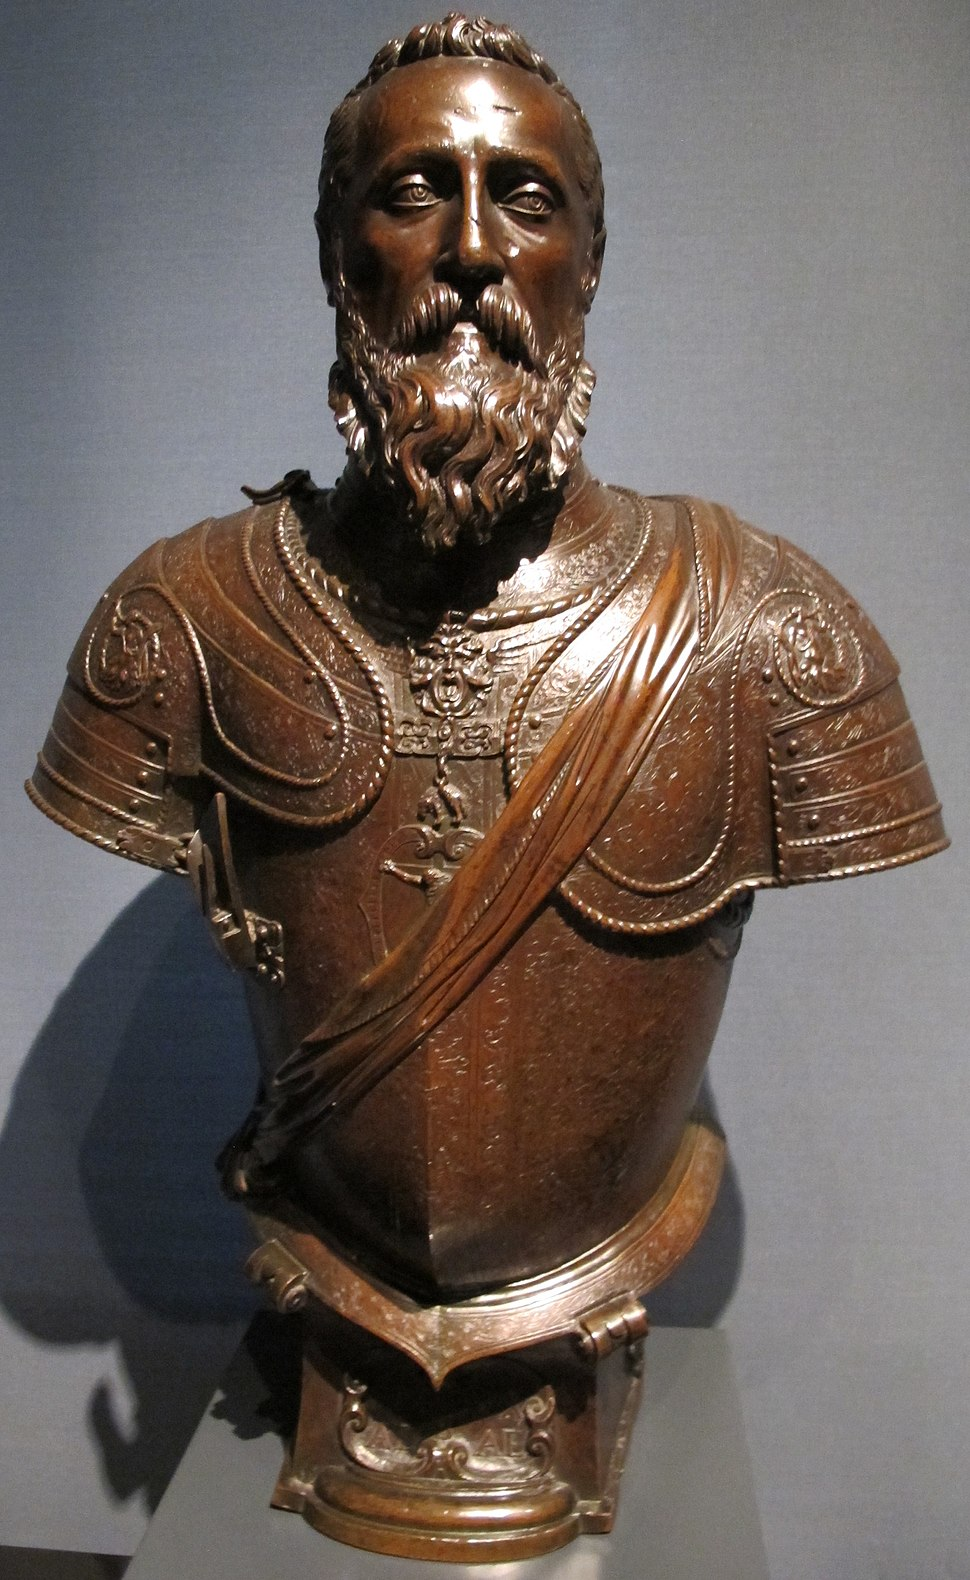 Leone leoni, don ferdinando alvarez de toledo, 3° duca d'alba, 1554-1556